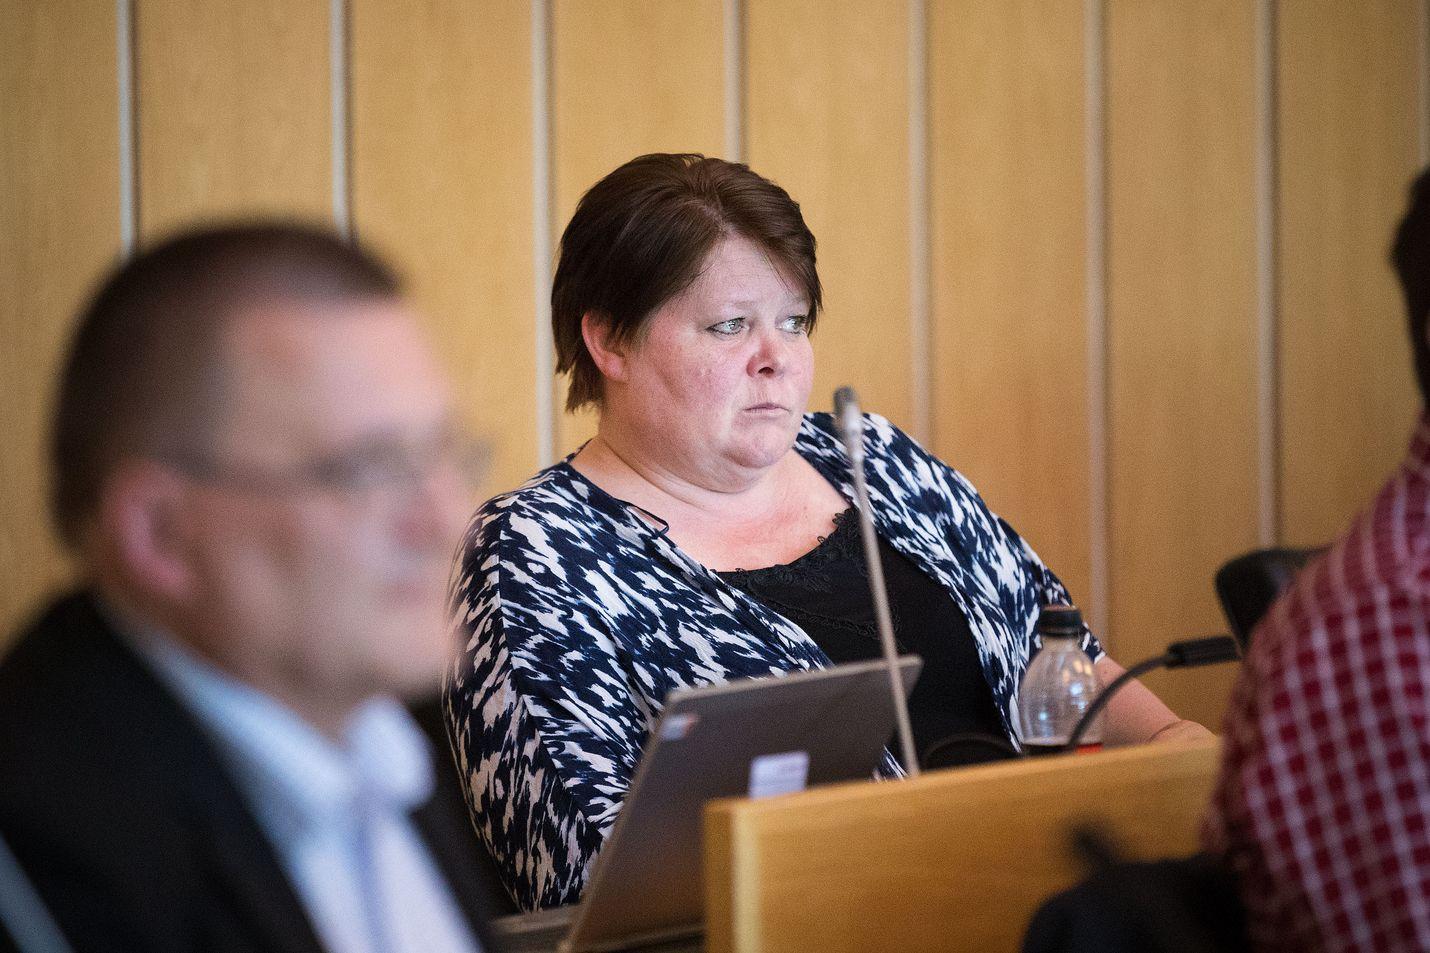 Tamperelainen Terhi Kiemunki on yksi uuden puolueen puuhanaisista. Hänet erotettiin perussuomalaisista vuonna 2017.